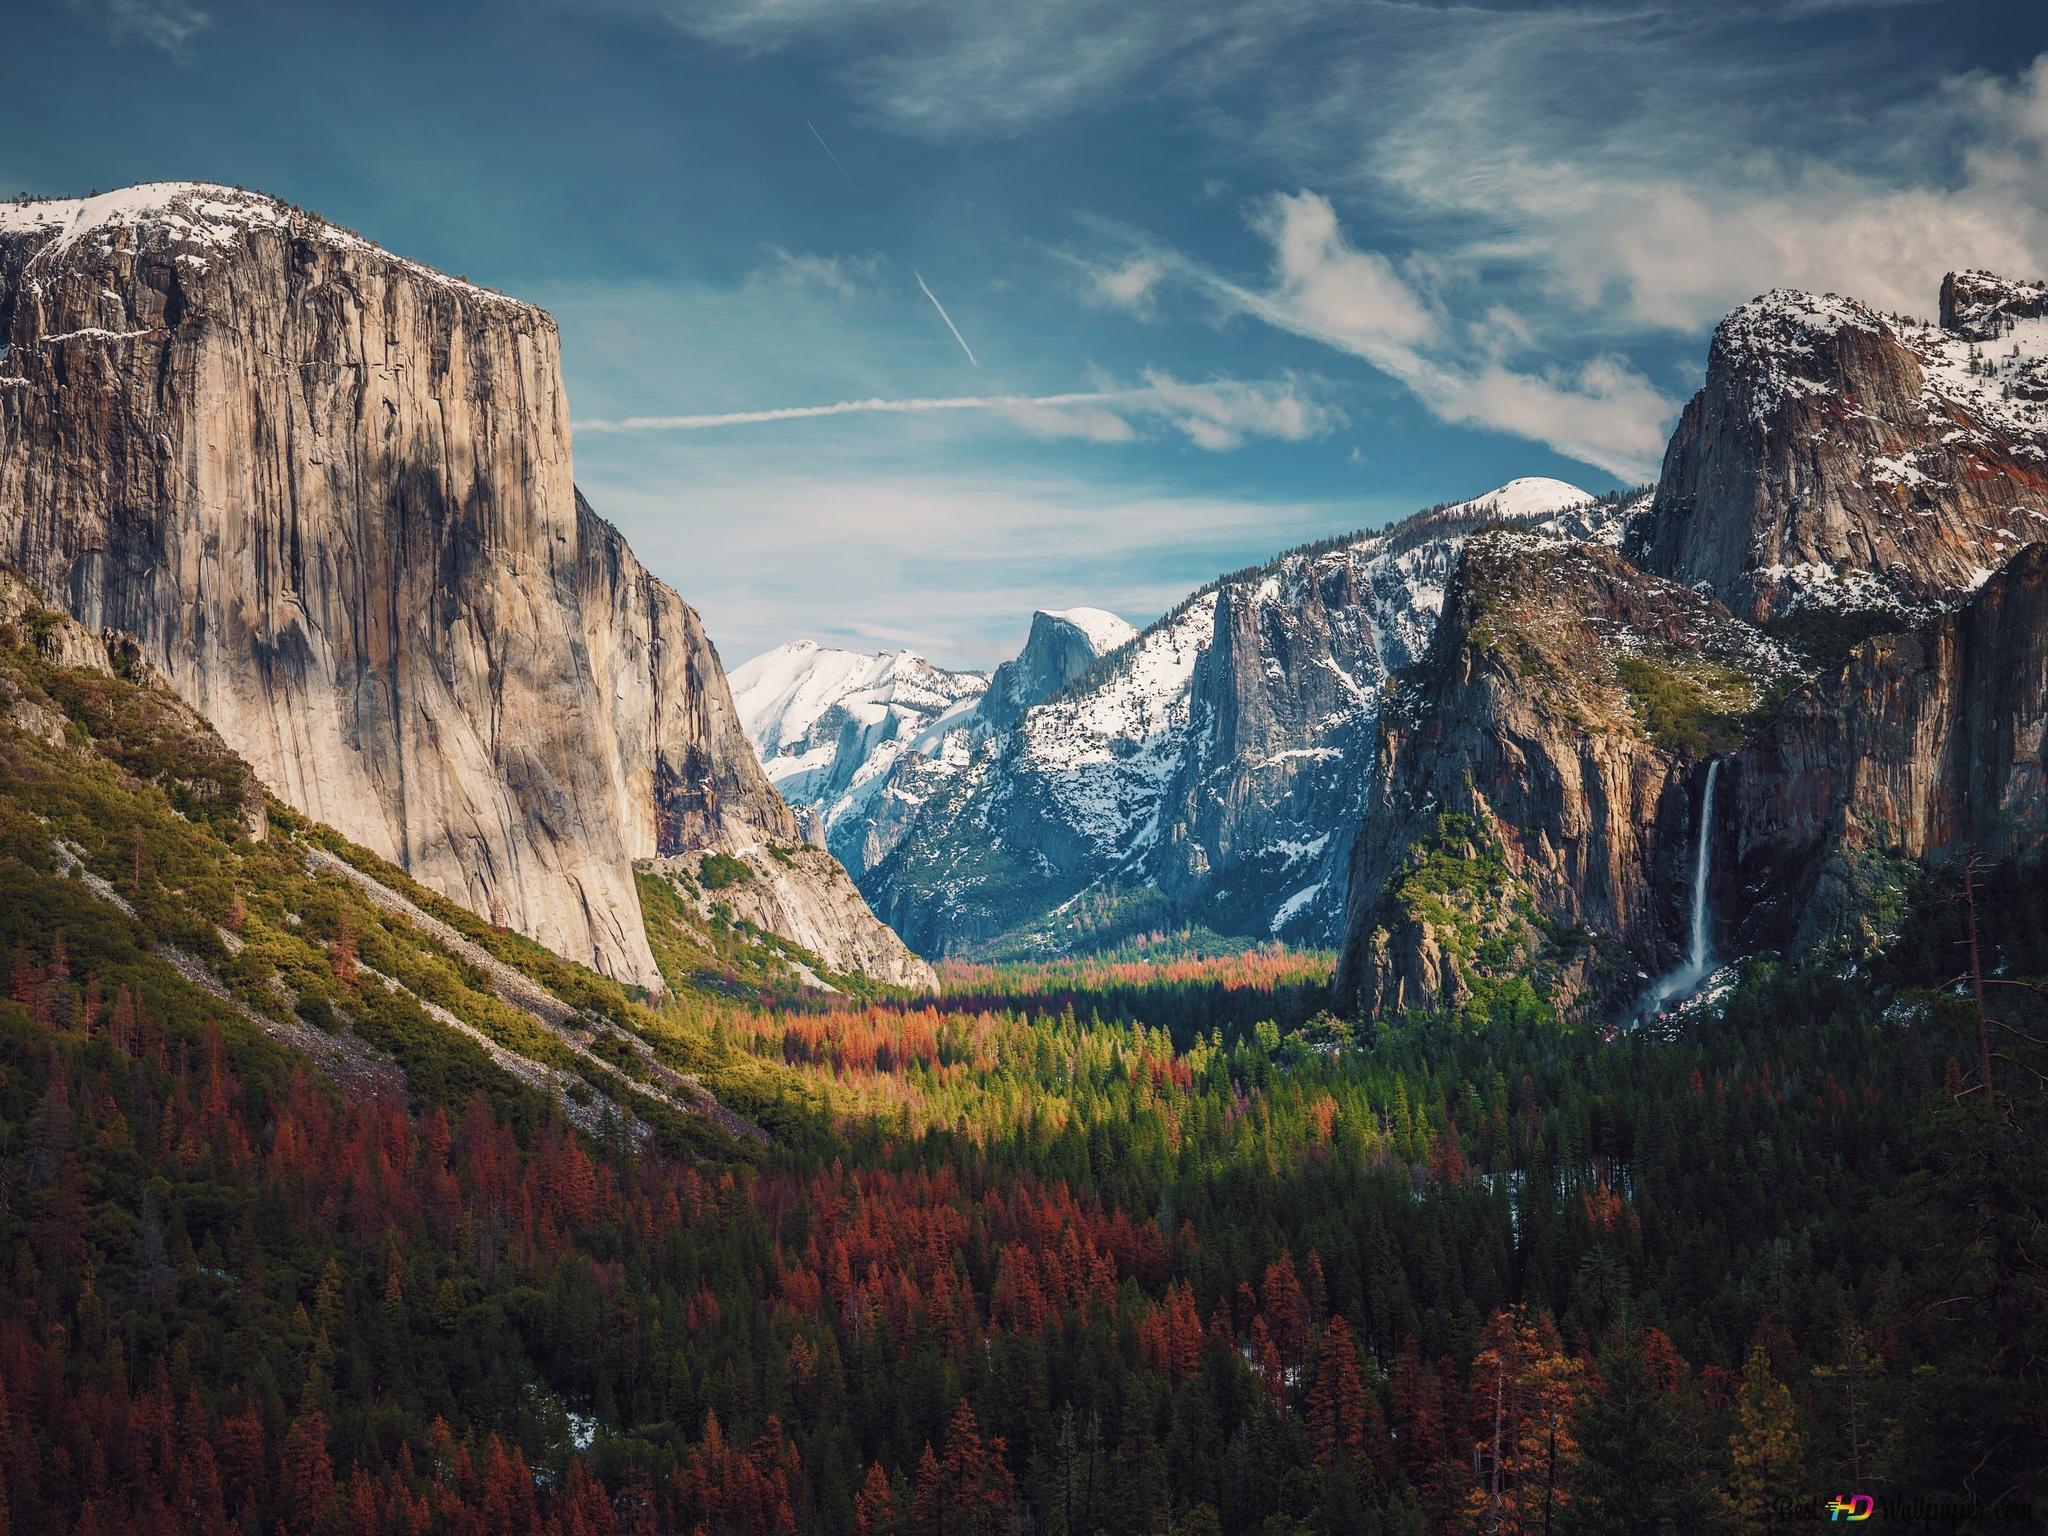 Yosemite National Park Hd Wallpaper Download